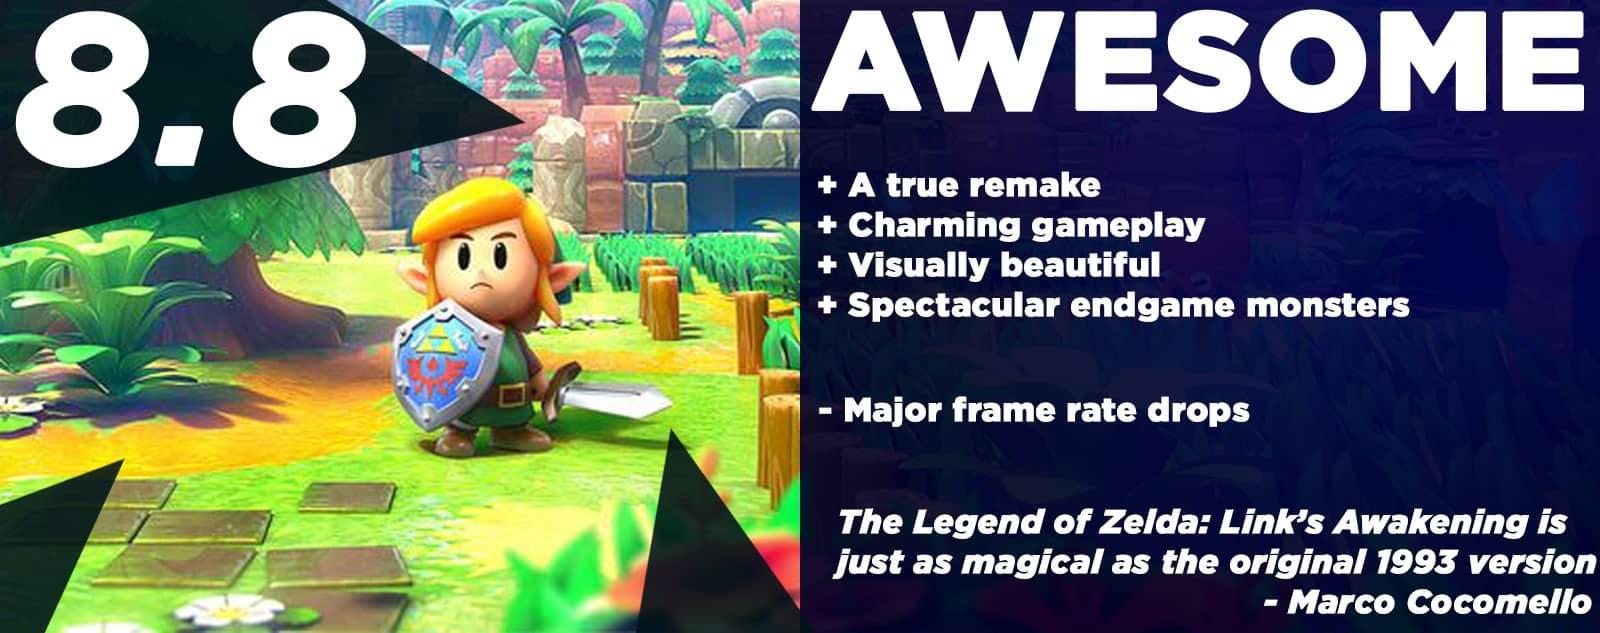 The Legend of Zelda: Link's Awakening Review